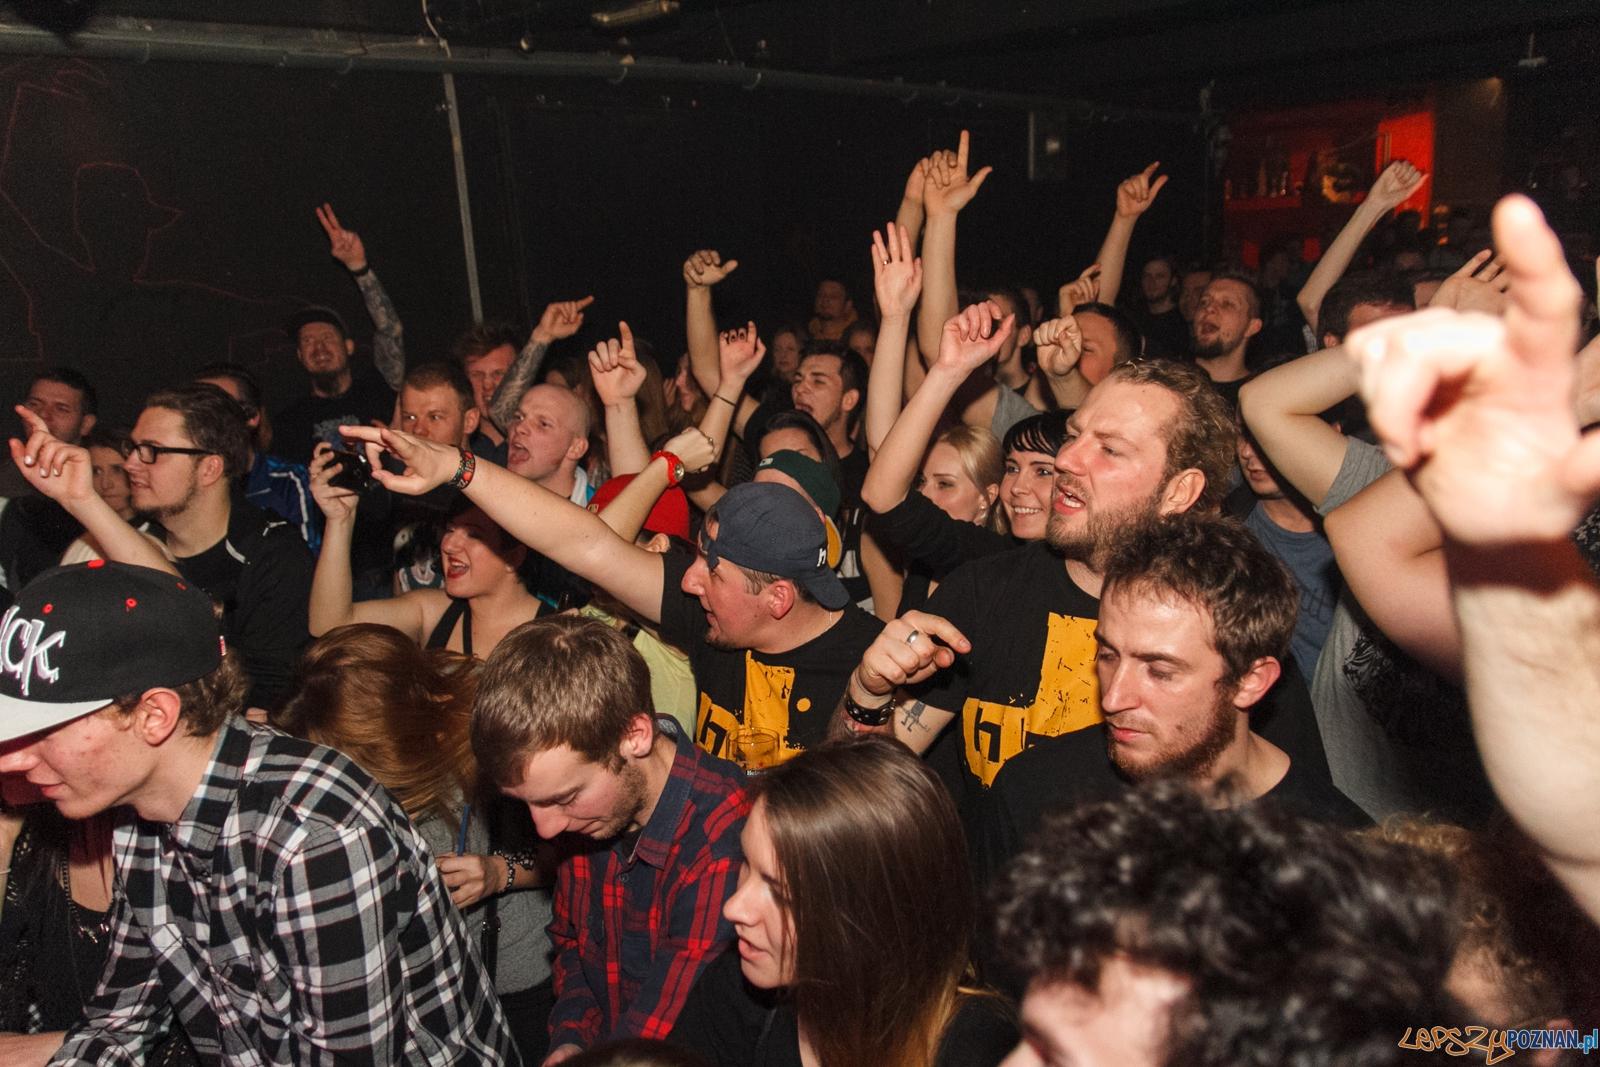 Nowa trasa zespołu HOPE pod nazwą Space Jam Tour 2016 rozpoczęła się w poznańskim klubie U Bazyla 6 lutego 2016 roku. W roli supportu zagrali DJ KOSTA i DJ Muerte oraz ZijenSu & Lamachette oraz Sowa.